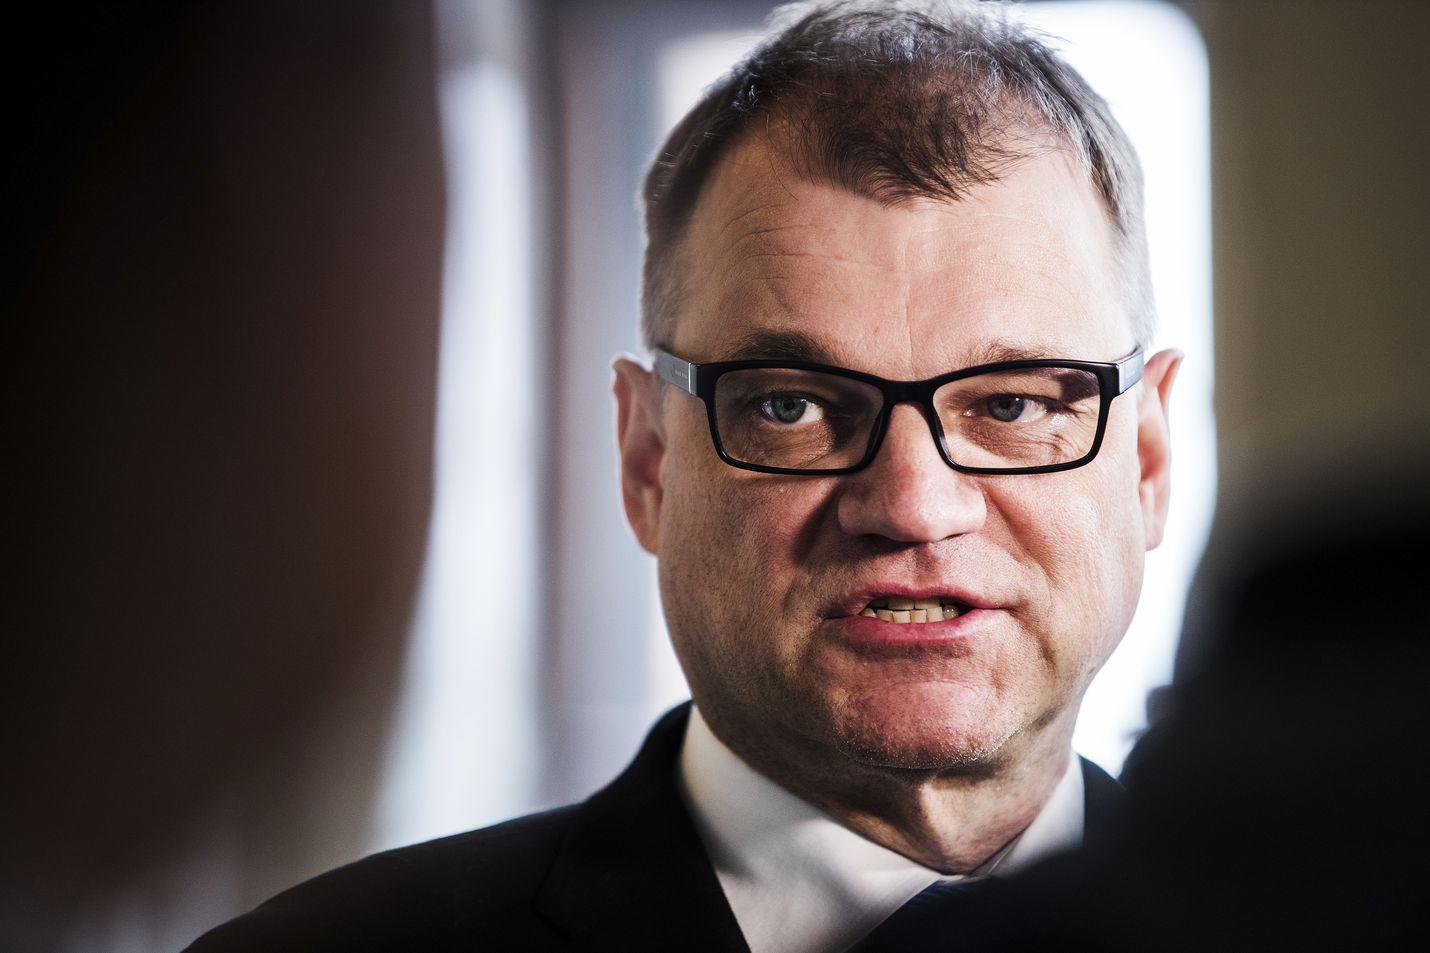 Keskustan puheenjohtaja Juha Sipilä on varautunut istumaan hallitusneuvotteluissa torstaina myöhään.